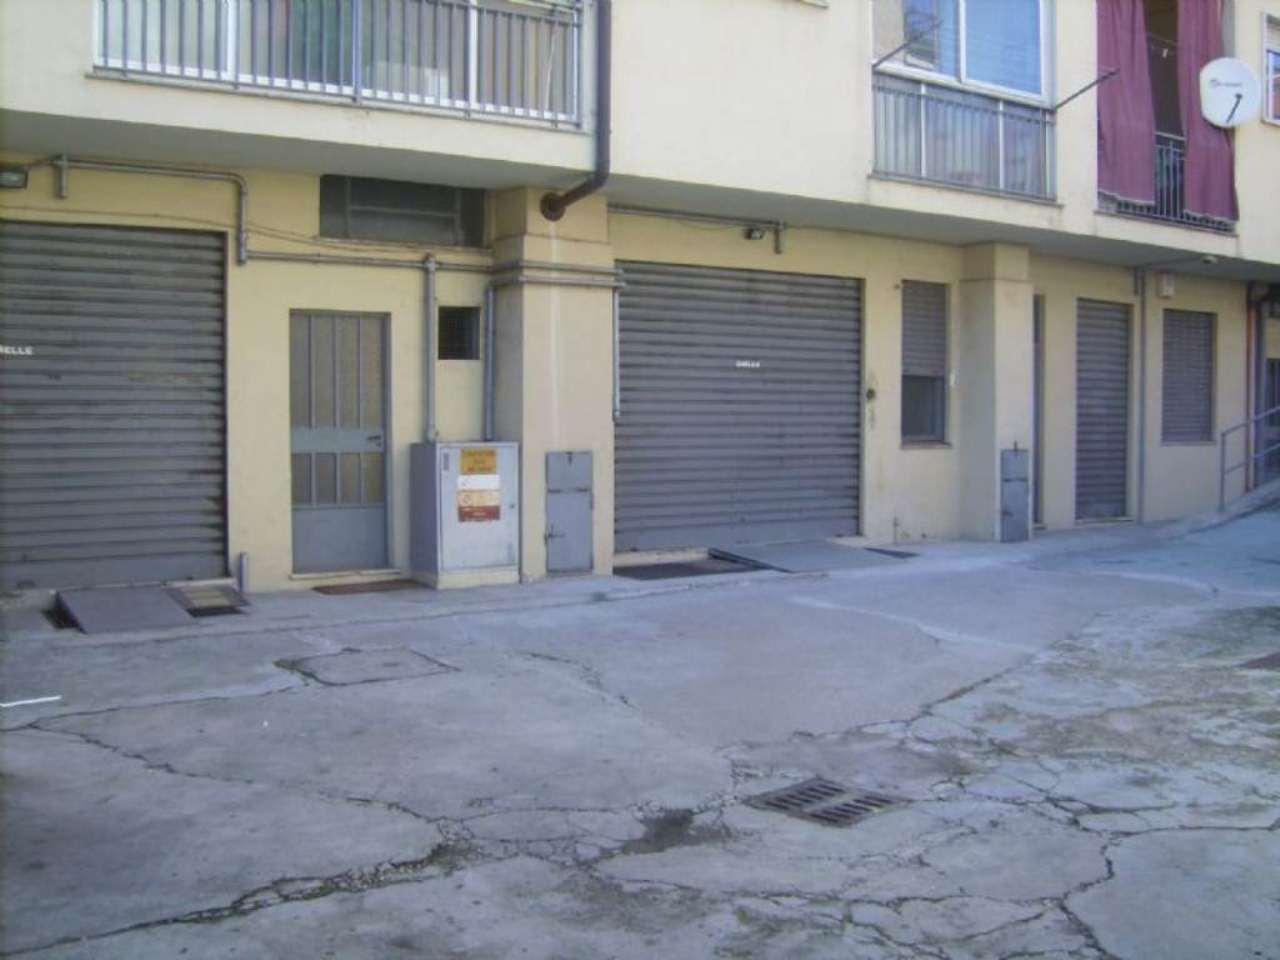 Magazzino in vendita a Grugliasco, 4 locali, prezzo € 70.000 | CambioCasa.it